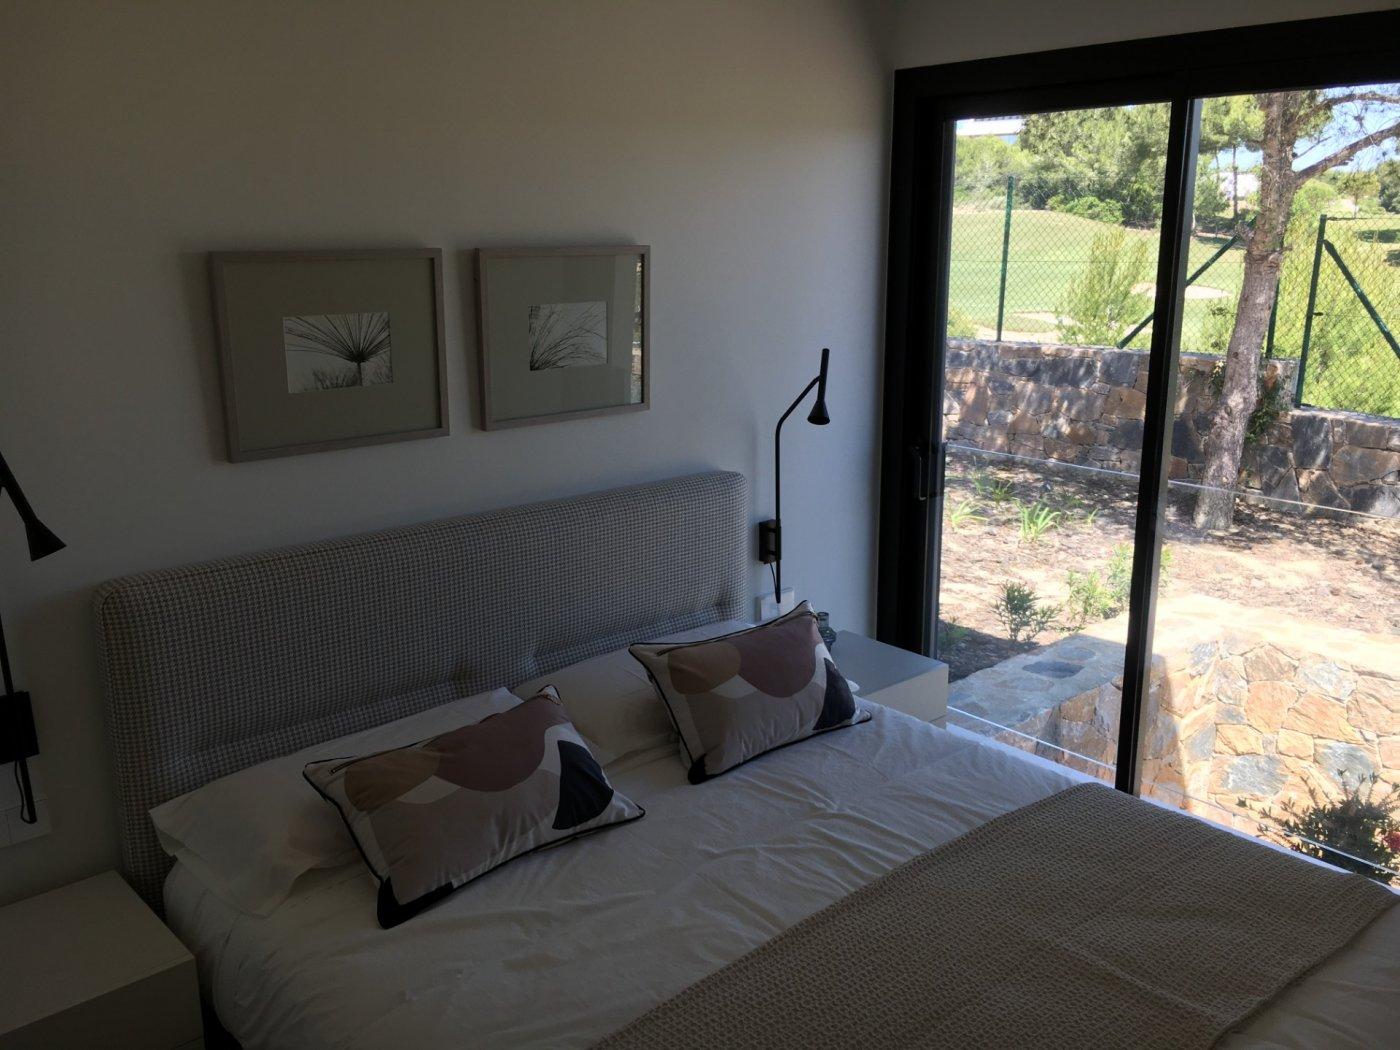 Villa de lujo en primera linea de golf - las colinas - imagenInmueble10